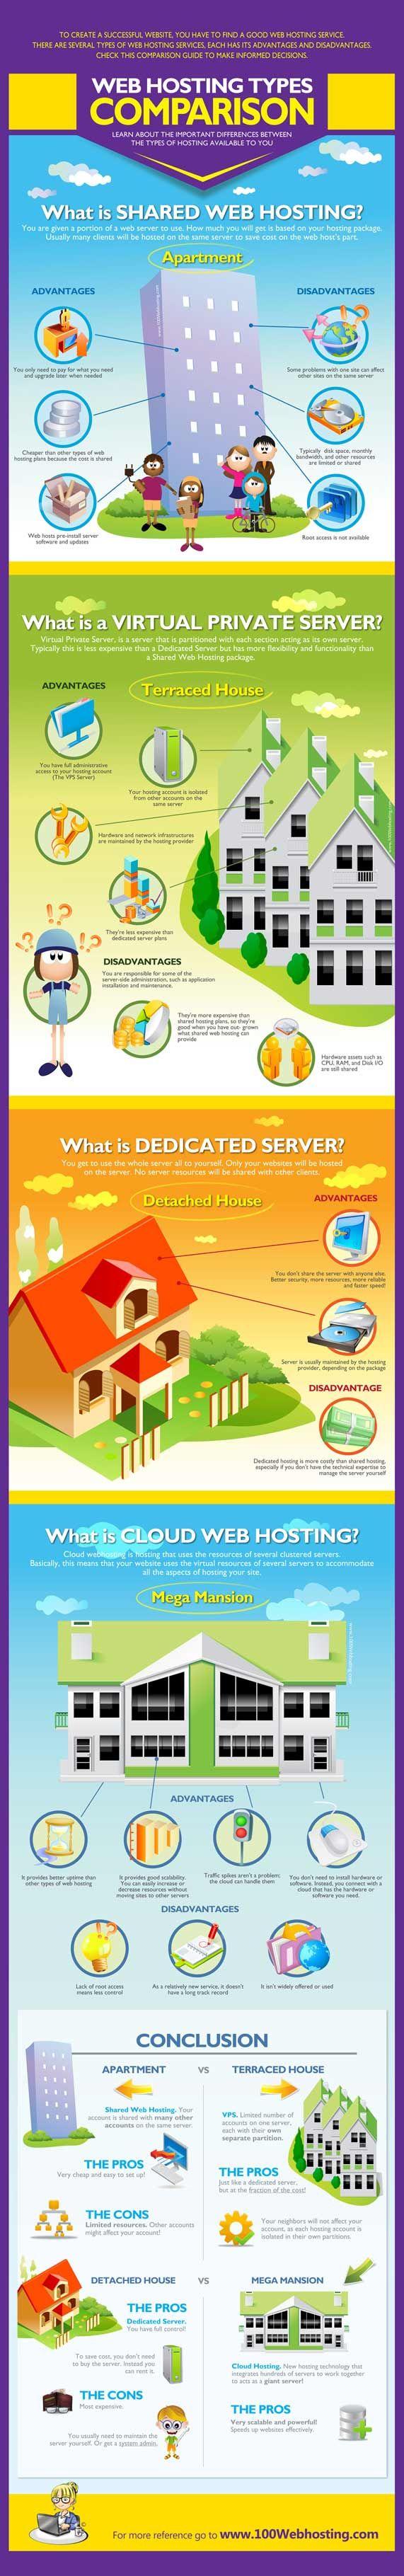 Web hosting types comparison infographic. http://seoweb-services.com/hostingreviews/